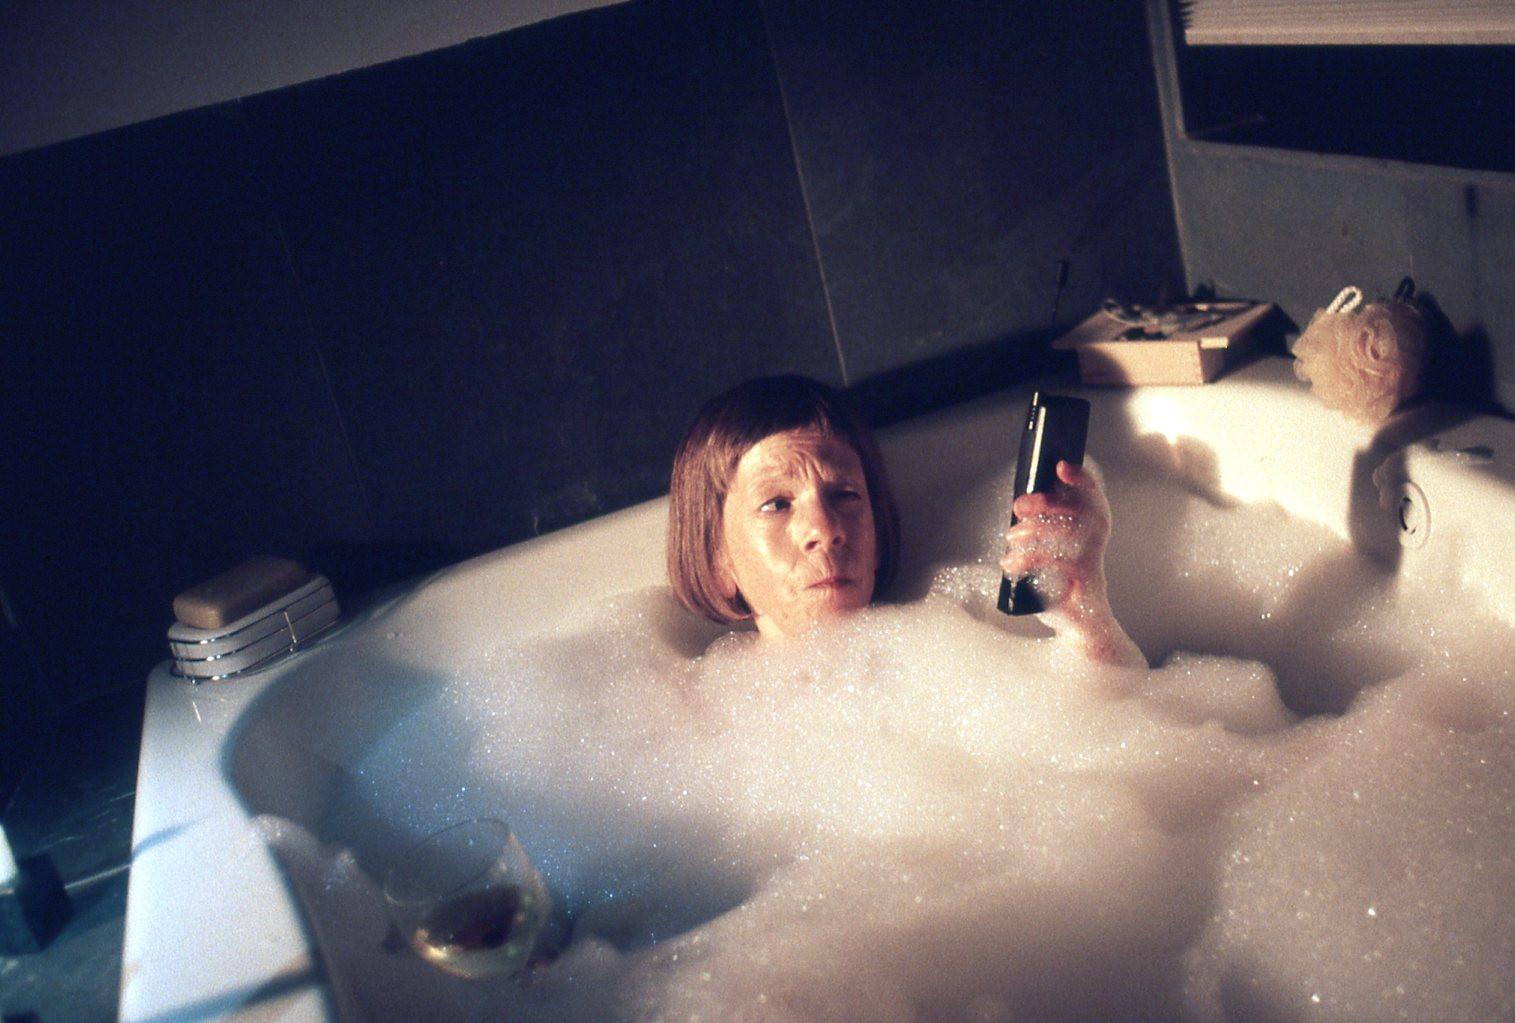 Eat bubble bath 1.jpg